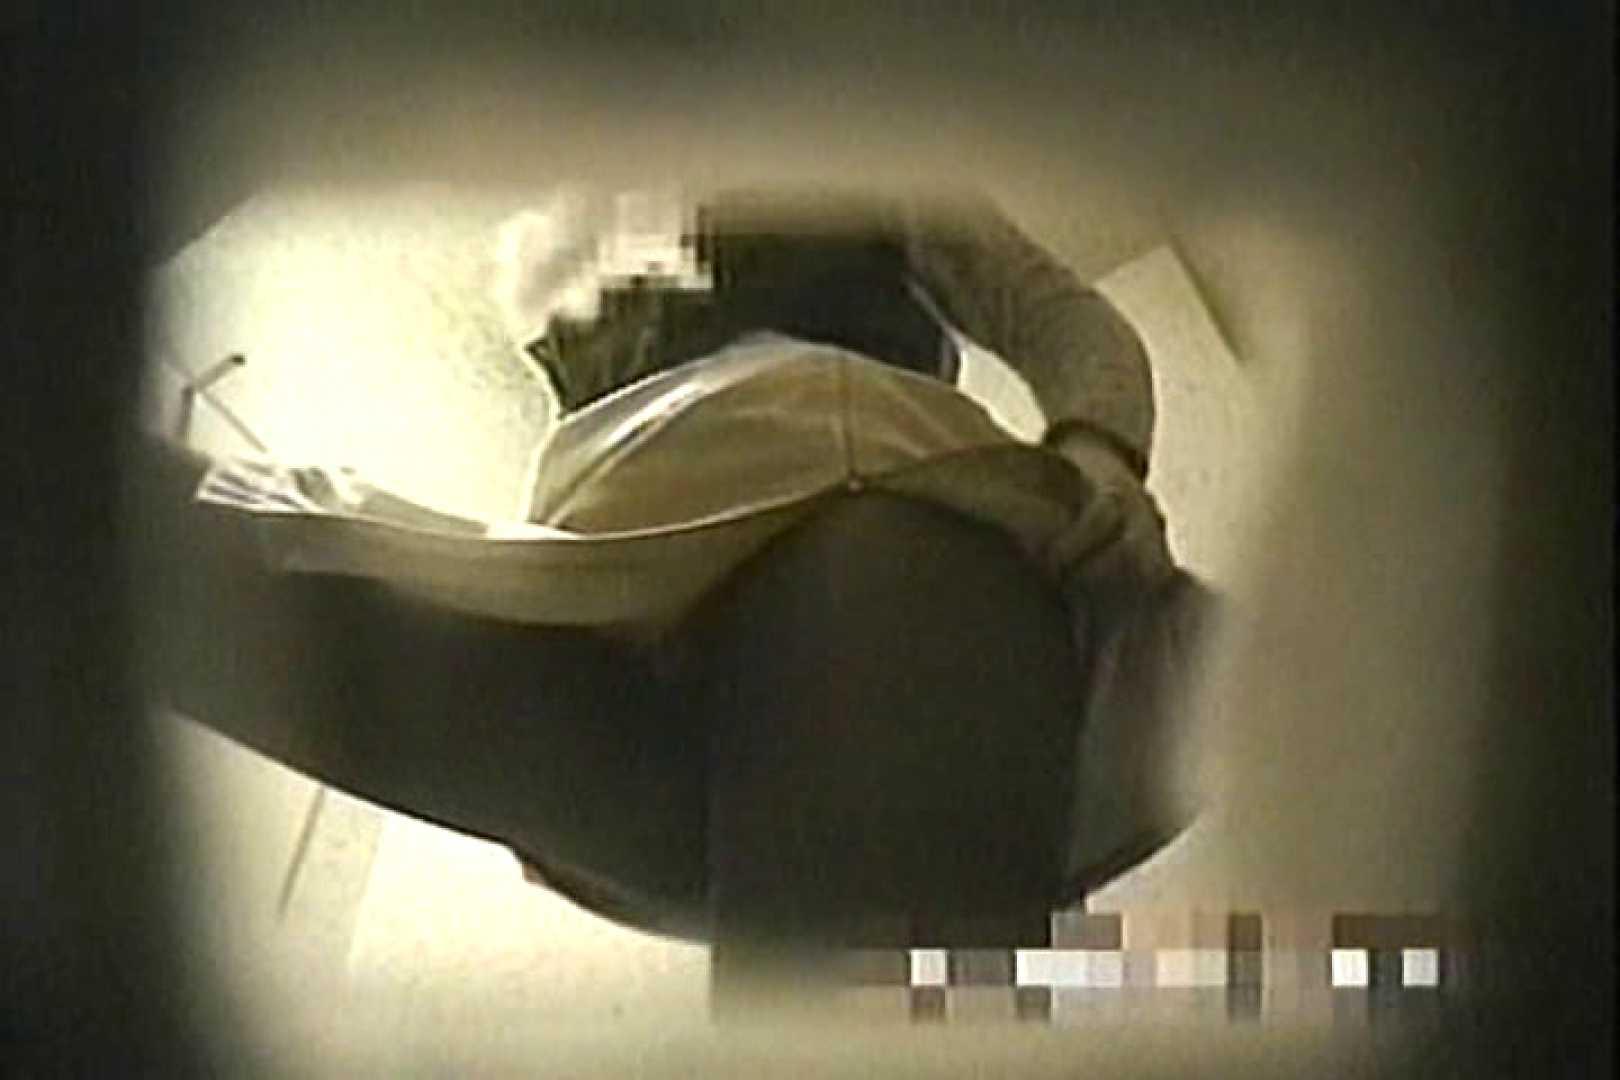 女子洗面所盗撮 今度の2カメは若い子だらけ  TK-127 盗撮 ワレメ無修正動画無料 91画像 73